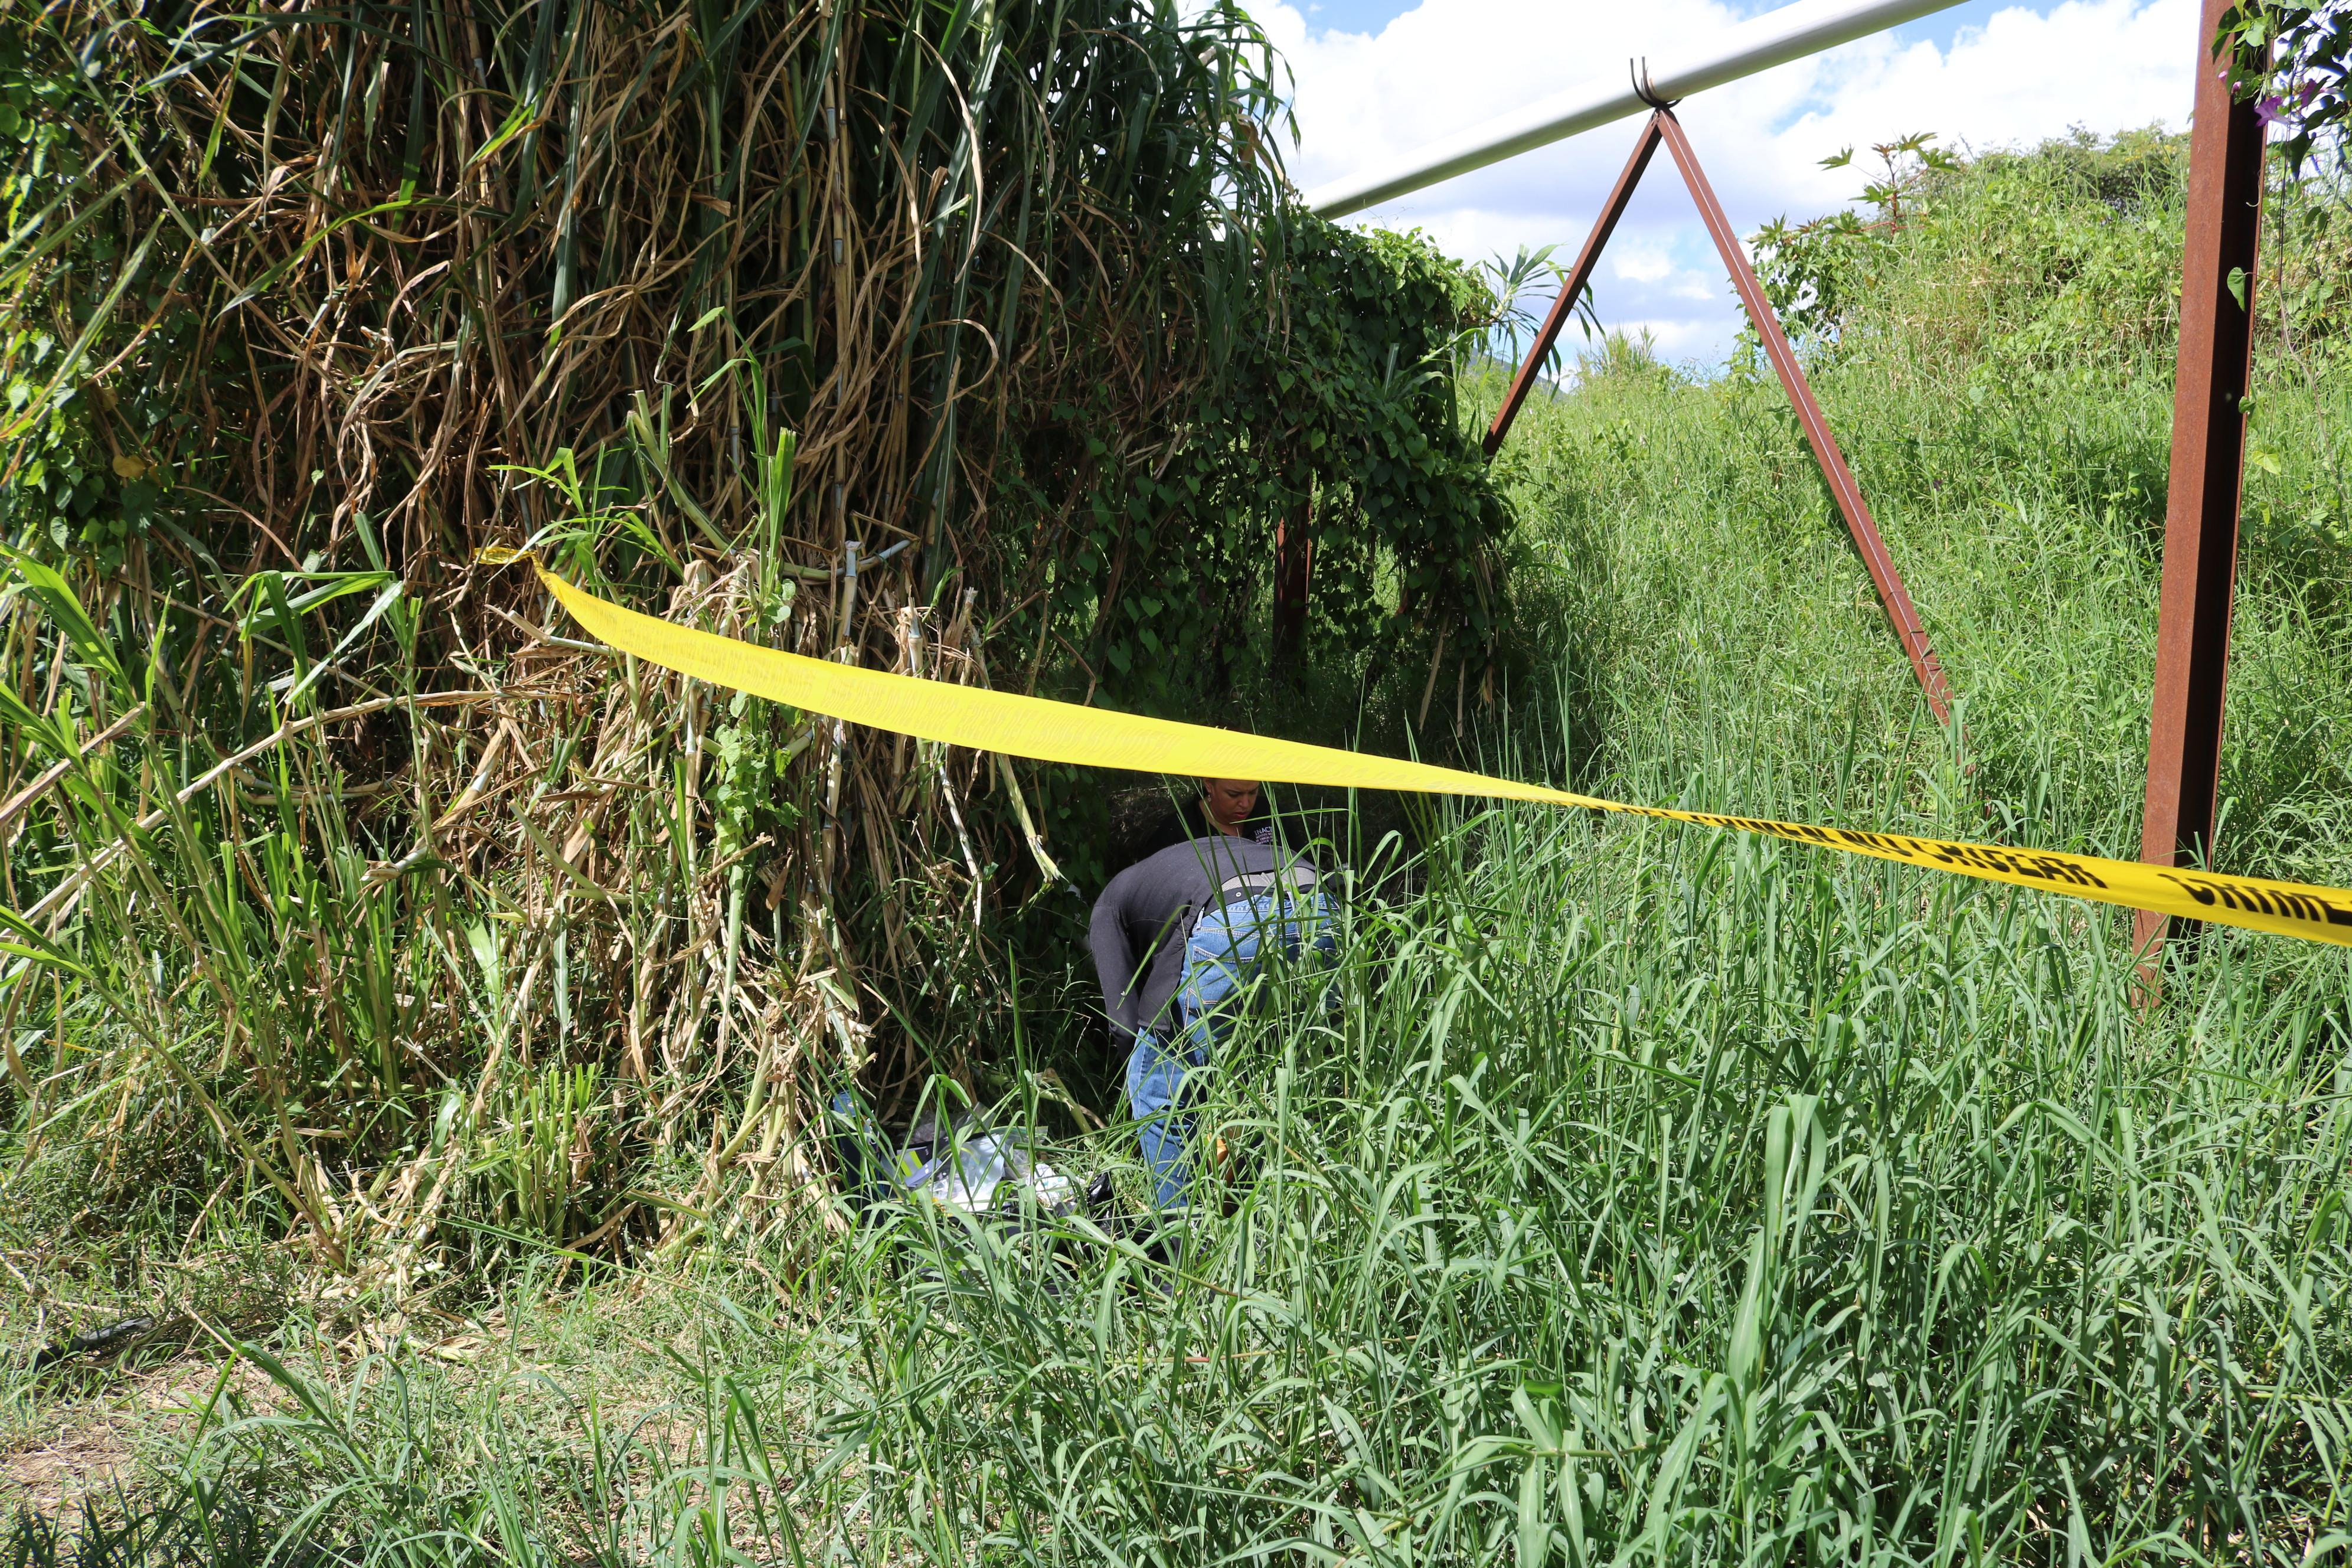 Encuentran cadáver de una mujer en unos matorrales en Constanza